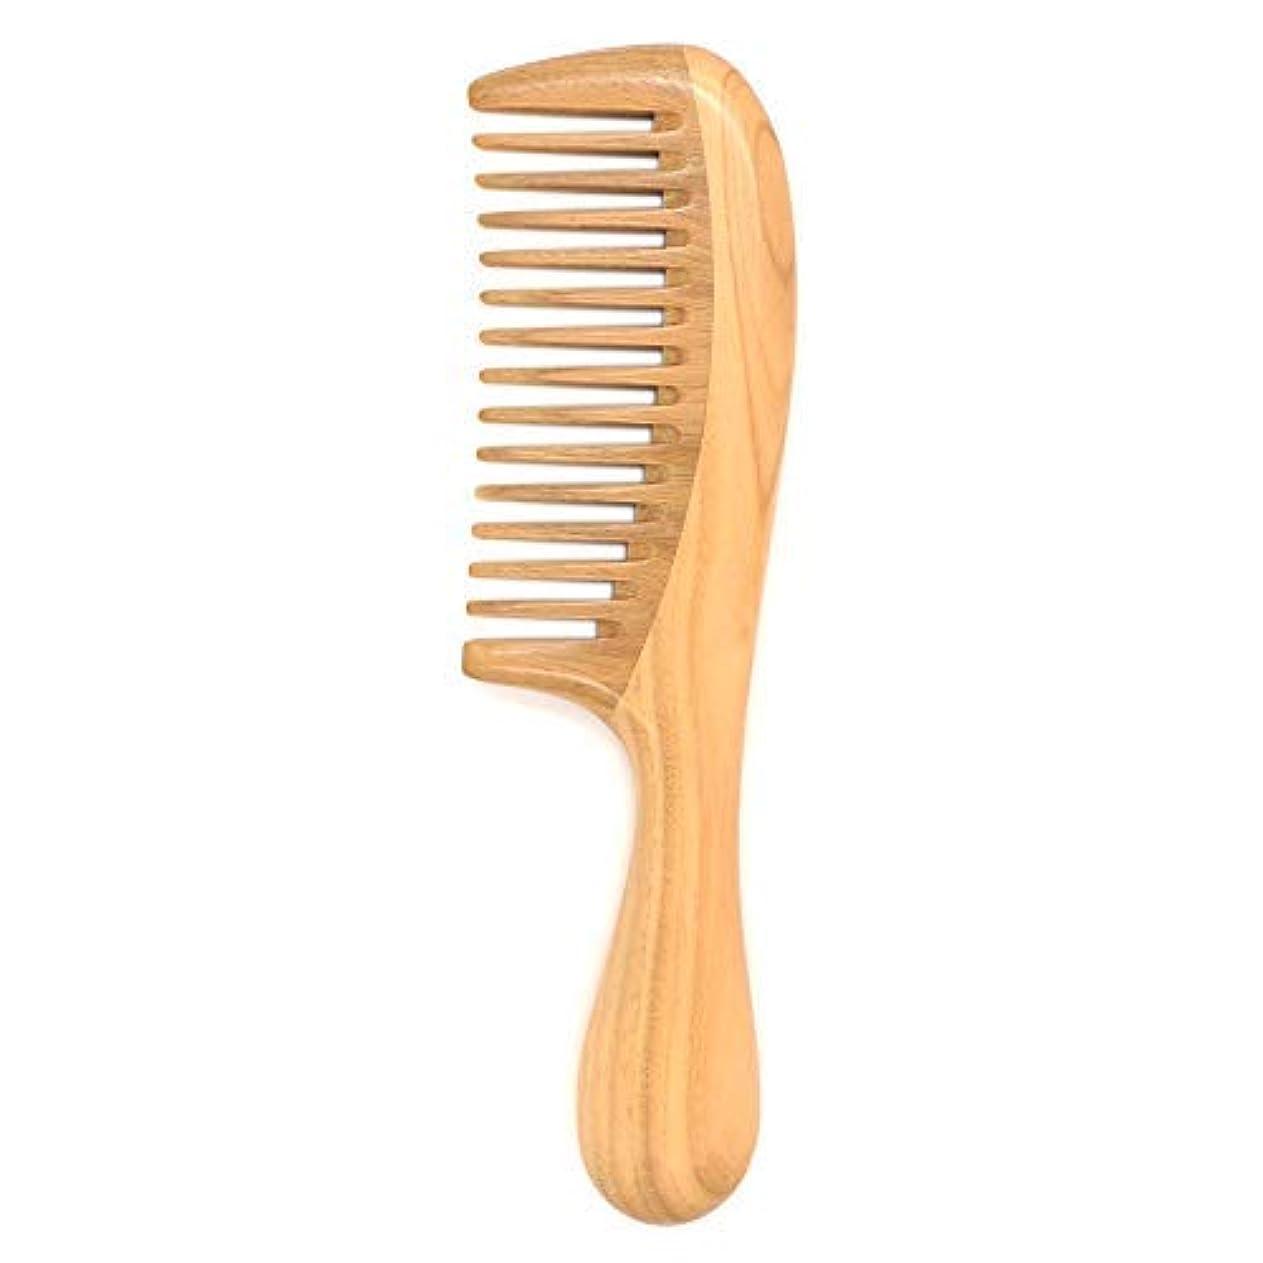 く生まれウィザードTinfun Natural Green Sandalwood Hair Comb Wooden Comb (Wide Tooth) for Curly Hair Detangling - No Static, Prevent...